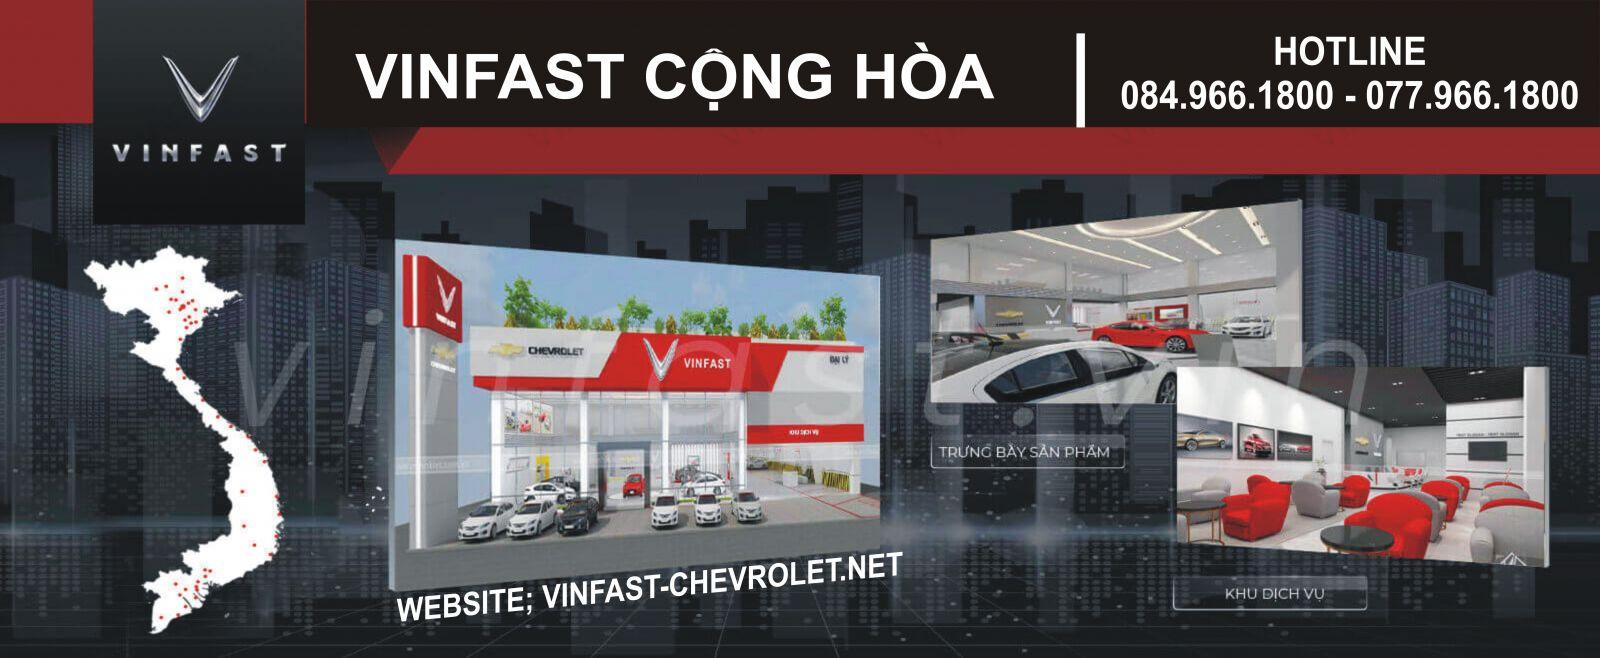 VINFAST CONG HOA